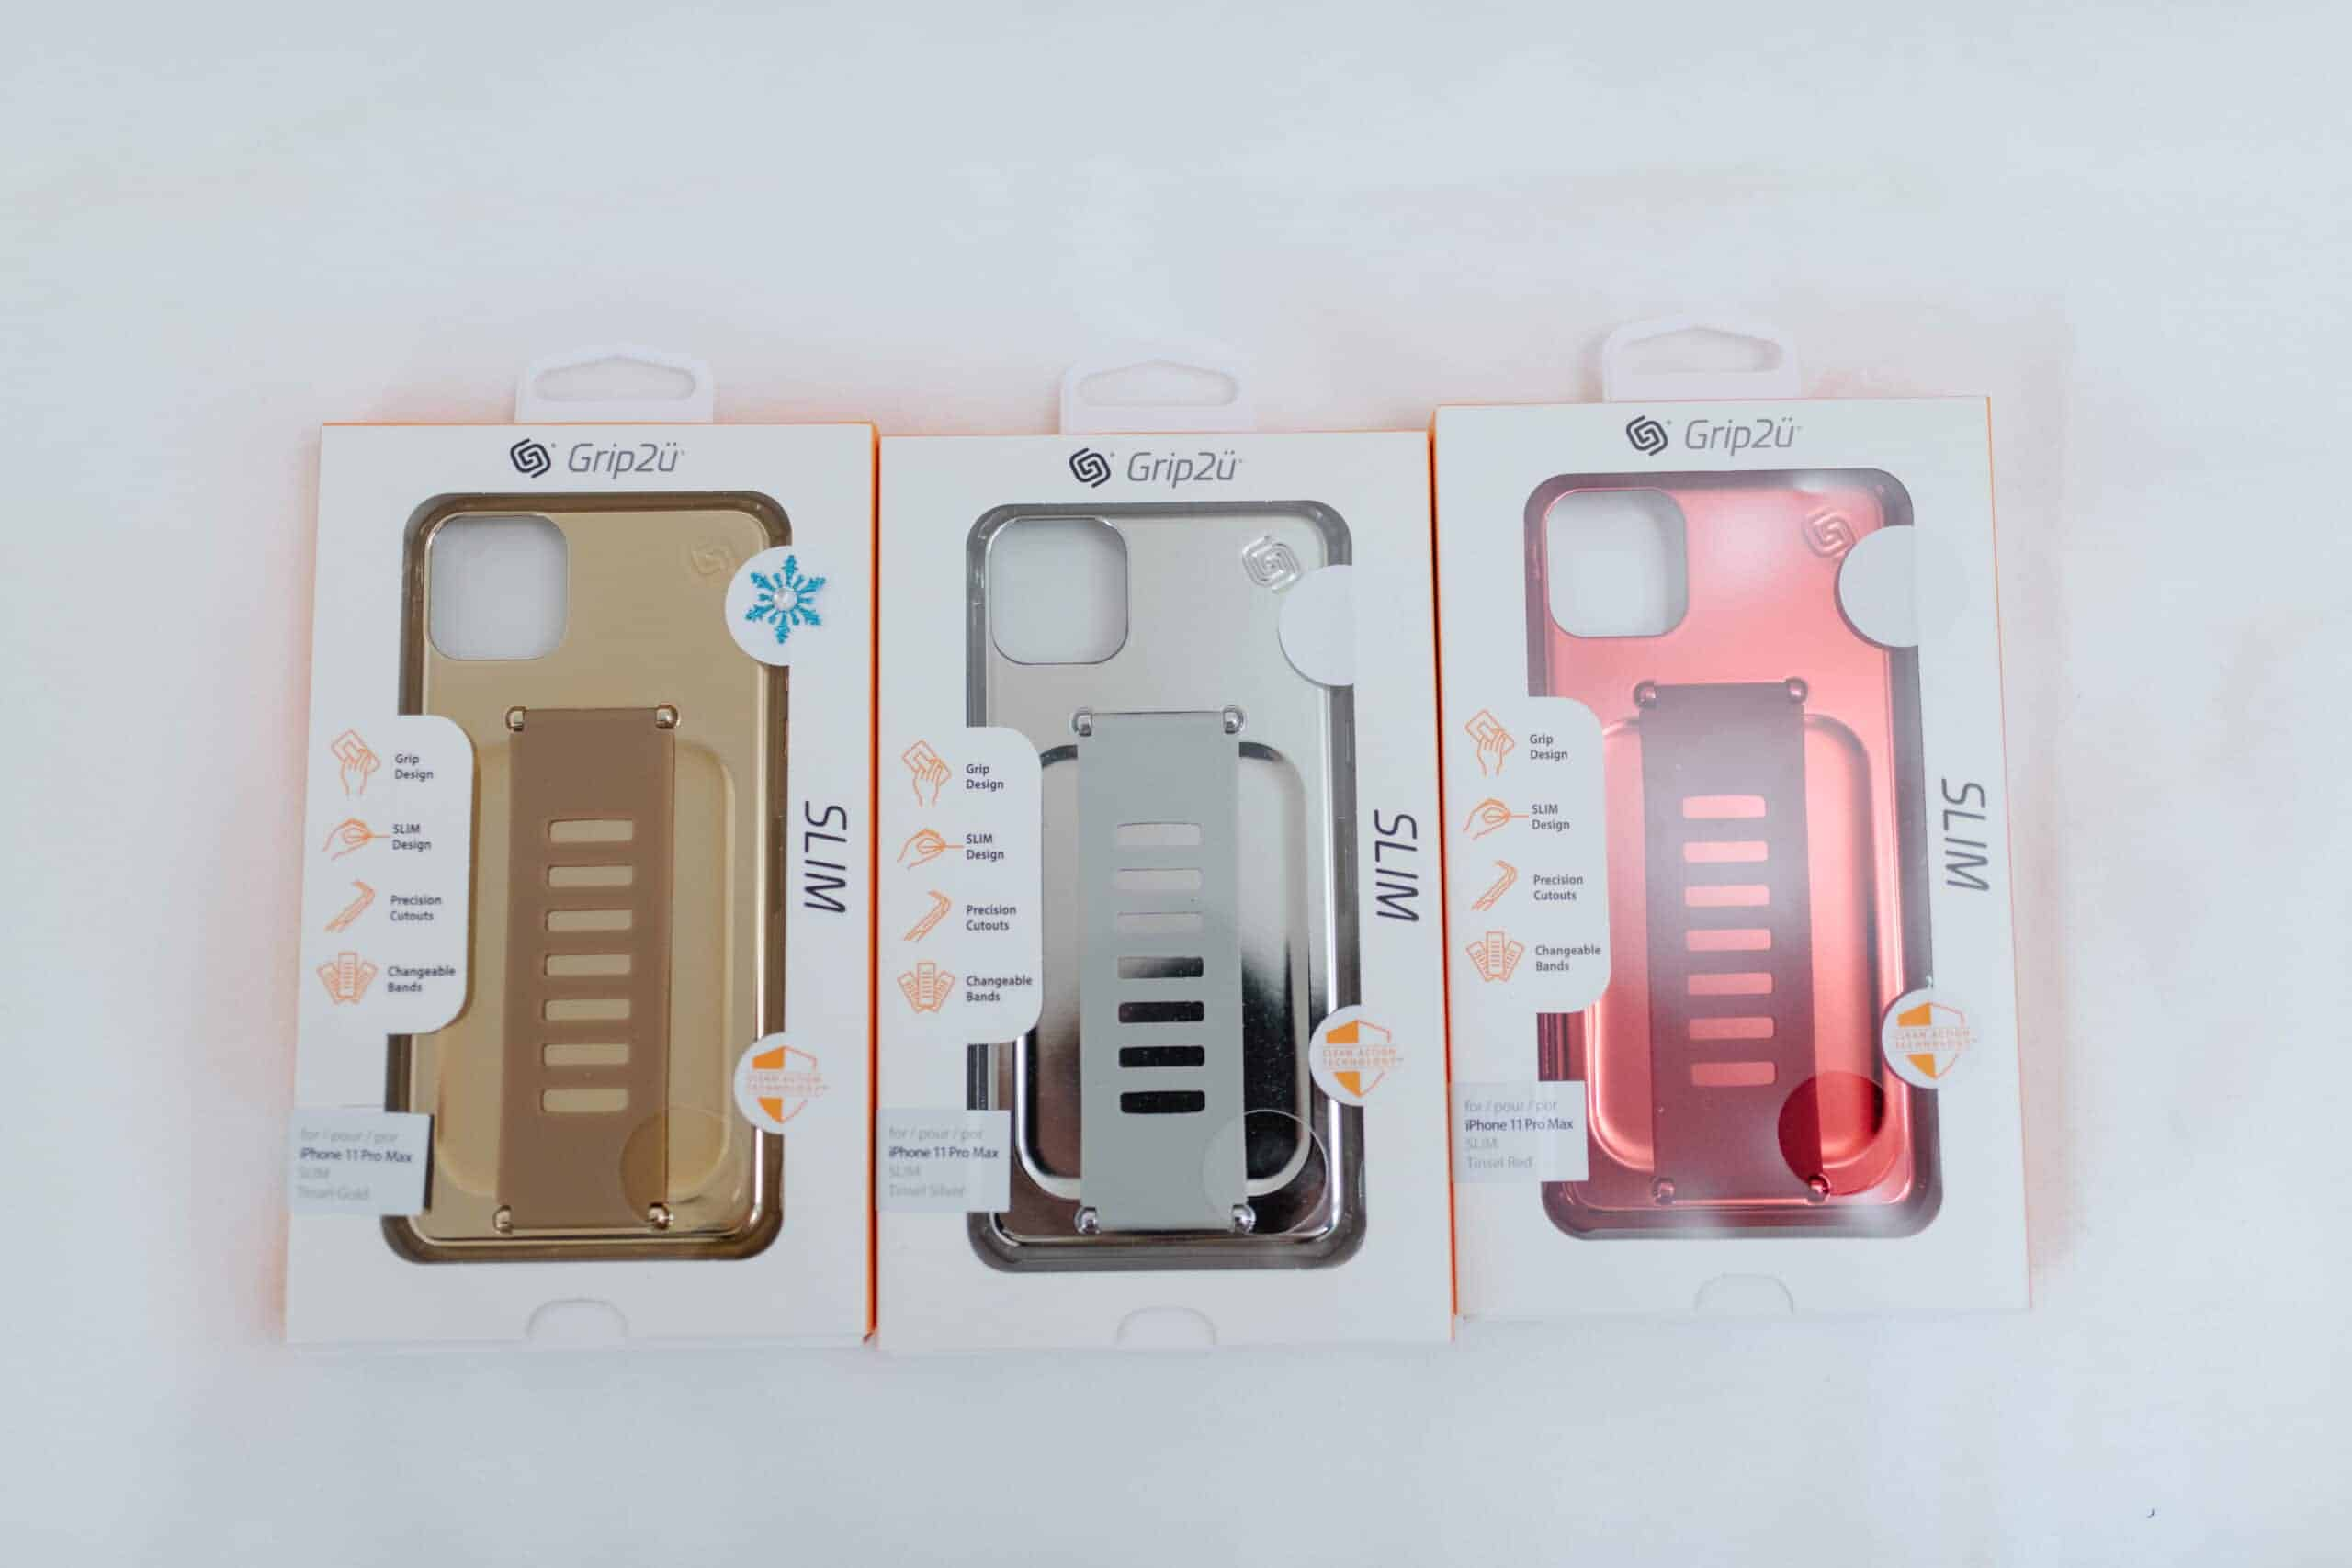 Grip2U Phone Cases